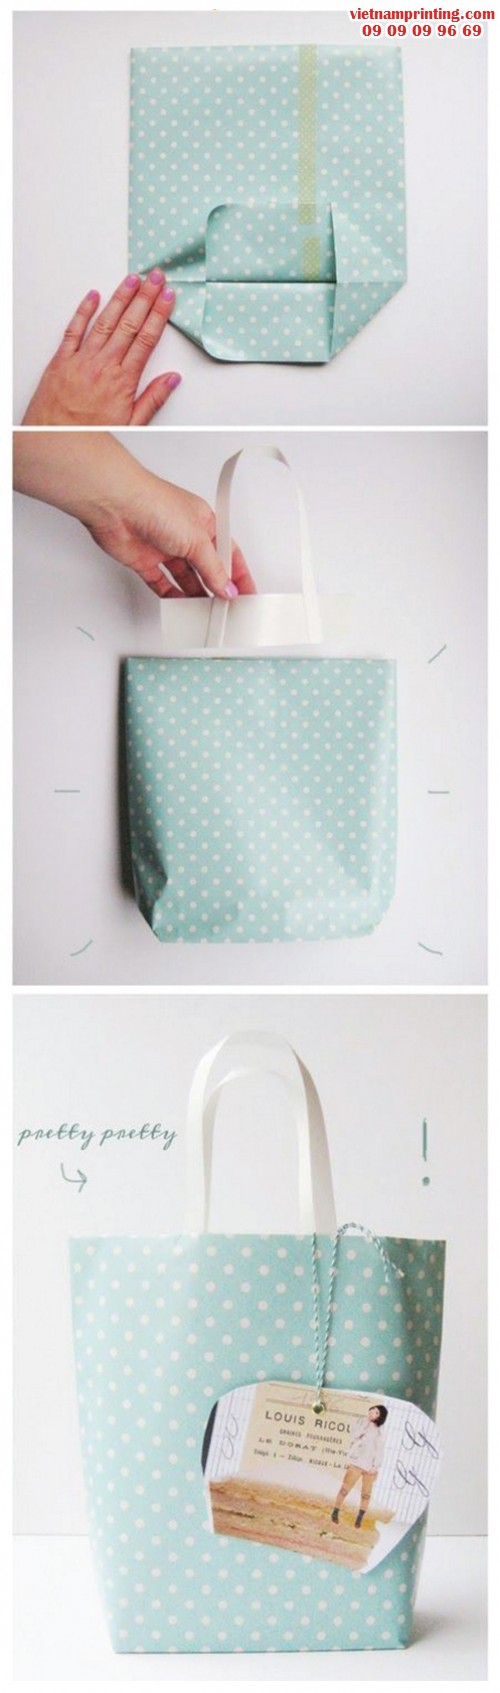 Túi đựng quà từ giấy bao vở